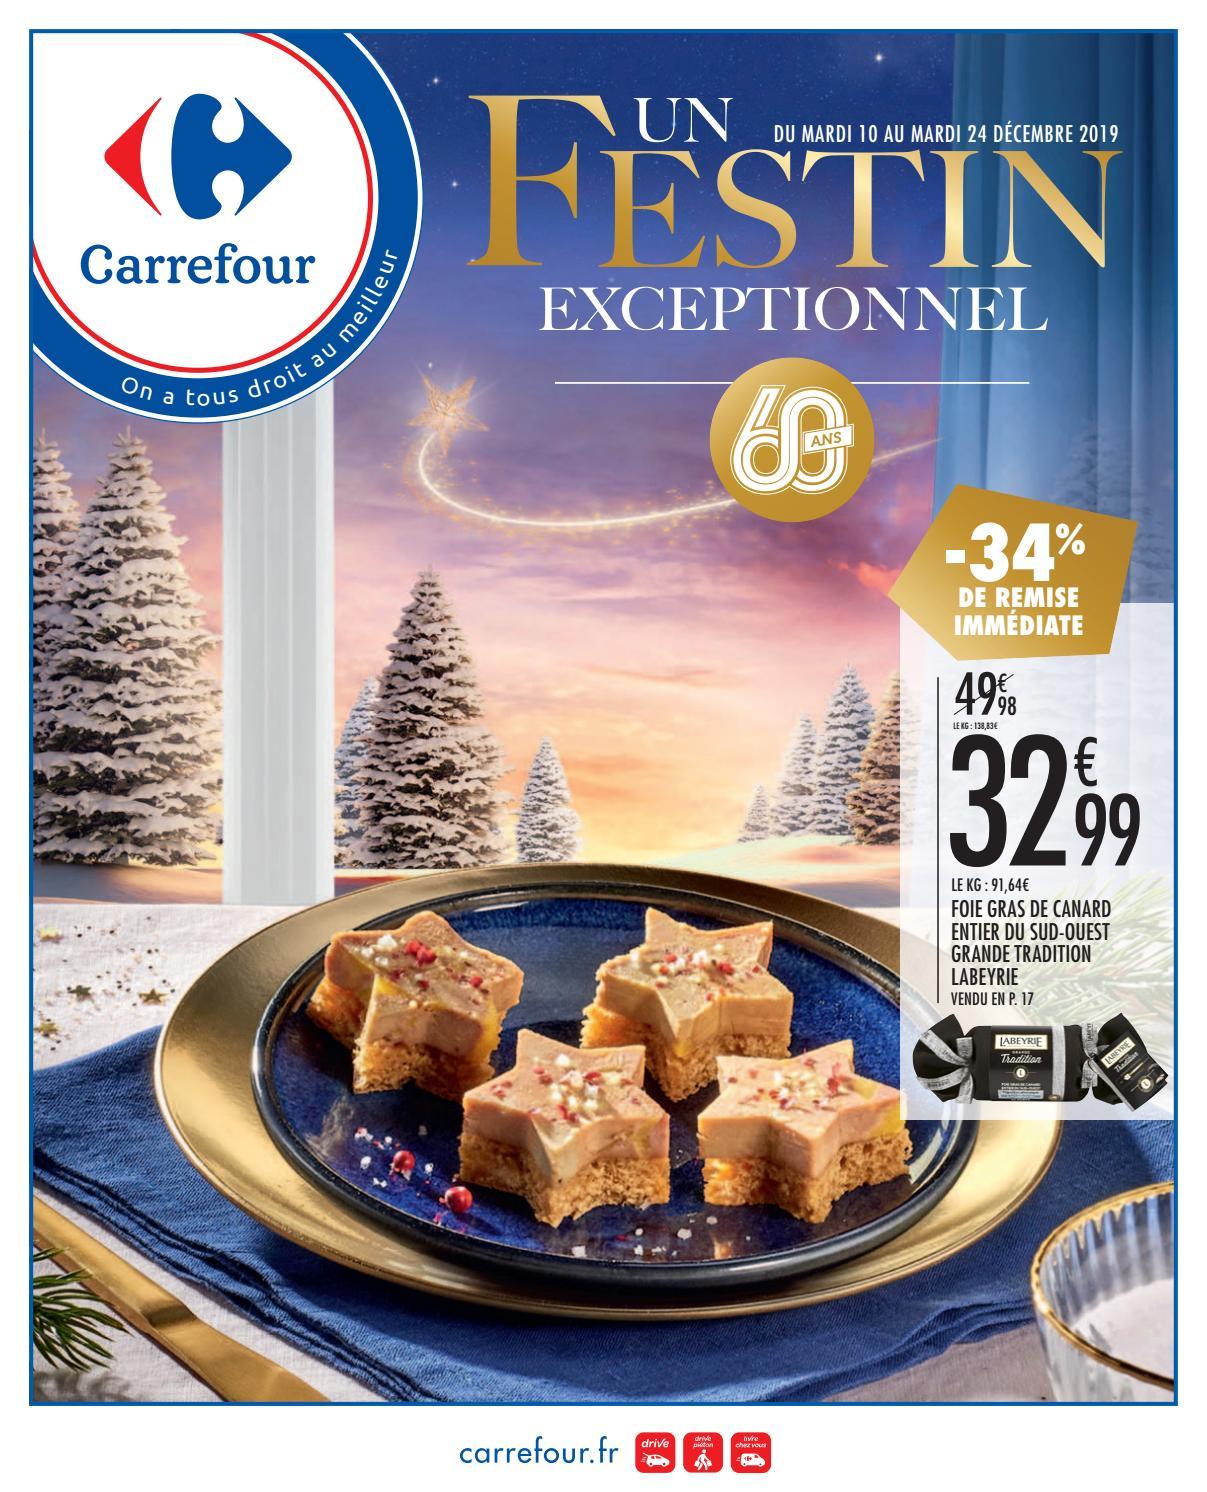 Catalogue Carrefour Un Festin Exceptionnel By Ofertas